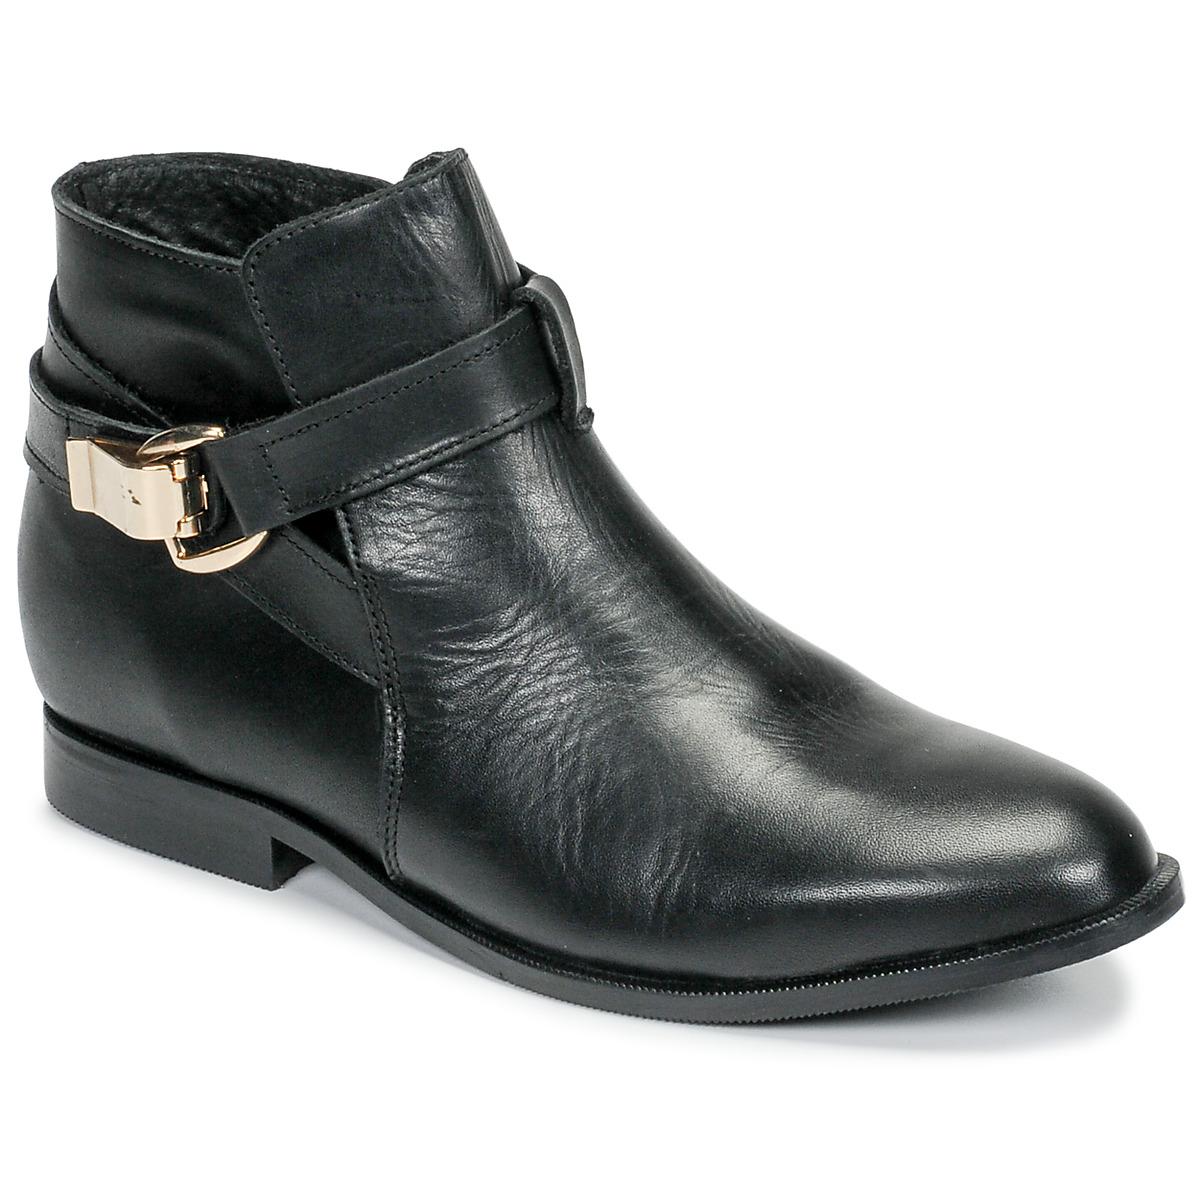 Discount Shoes Sales London